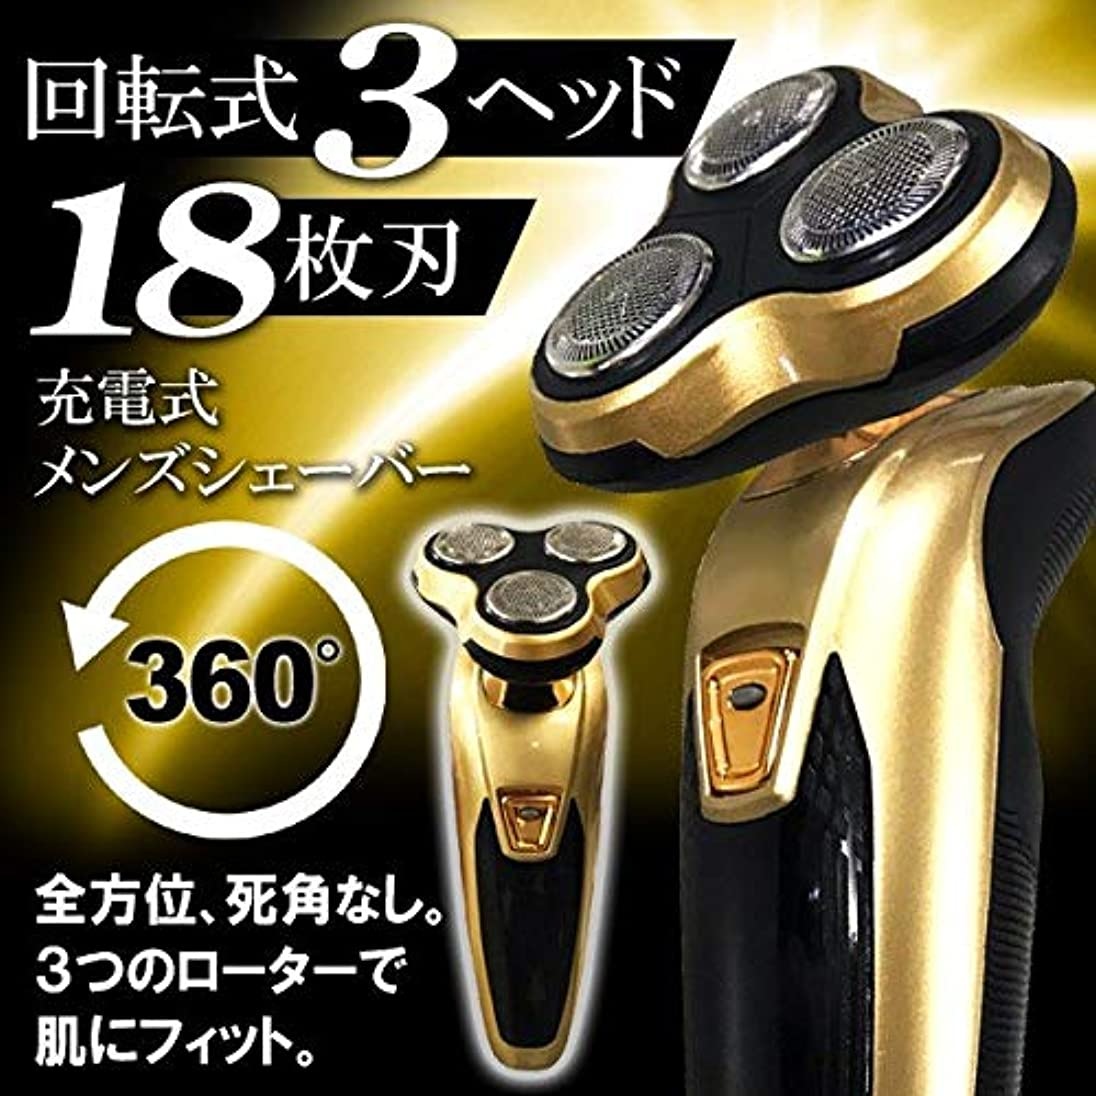 吸収キャメル保証金YEP 電気シェーバー 3ヘッド搭載 充電式 メンズシェーバー 3in1 髭剃り 鼻毛カッター グルーミングヘッド